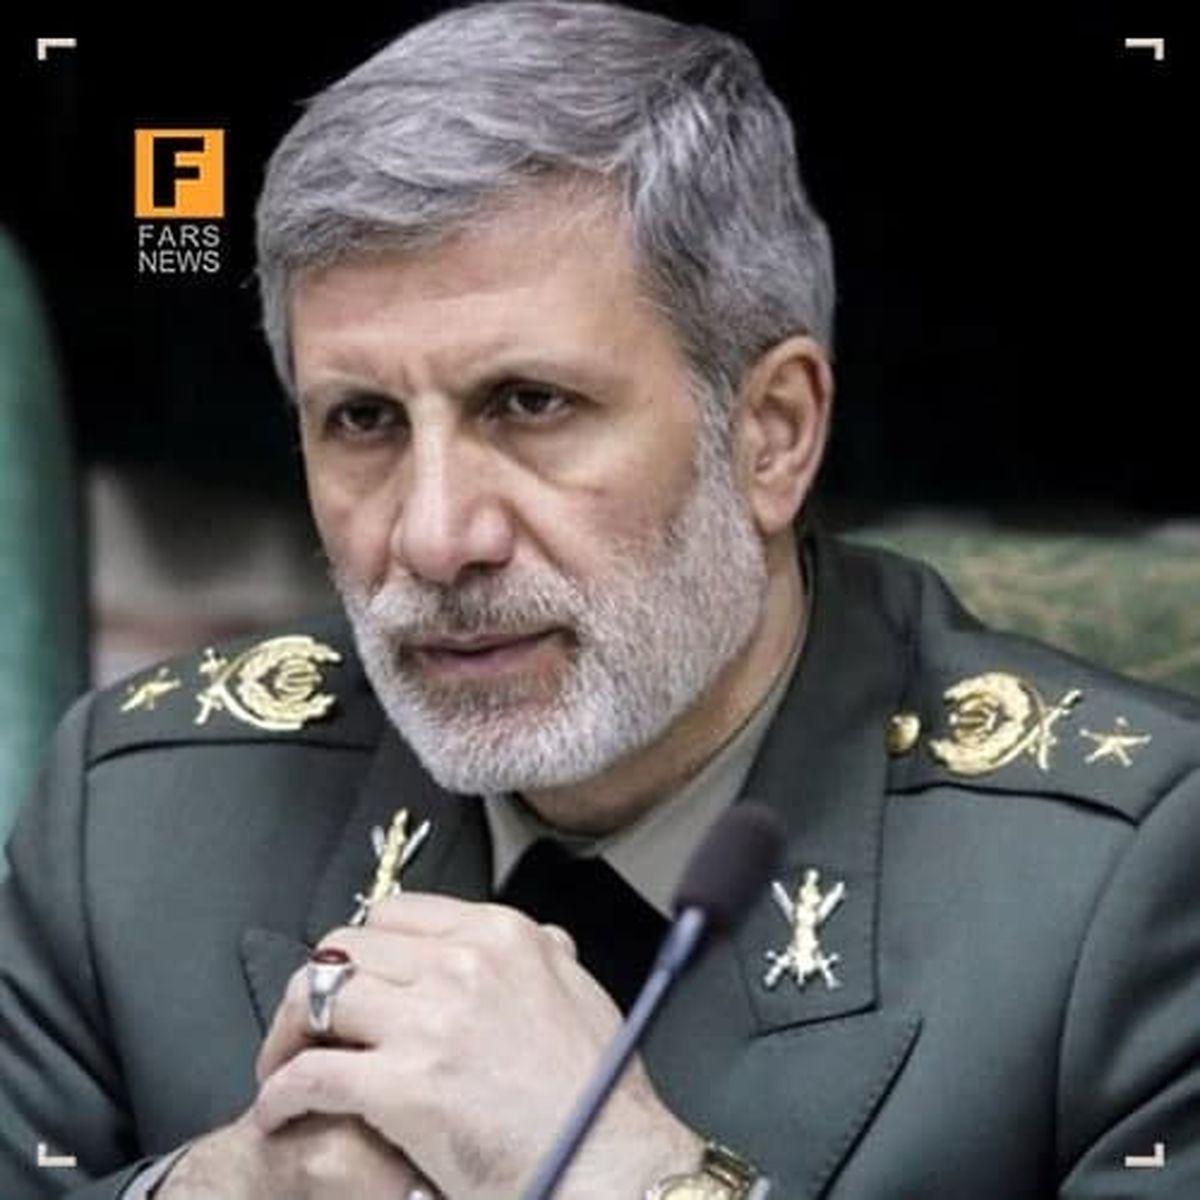 وزیر دفاع: تلآویو و حیفا با اشاره رهبری با خاک یکسان میشود